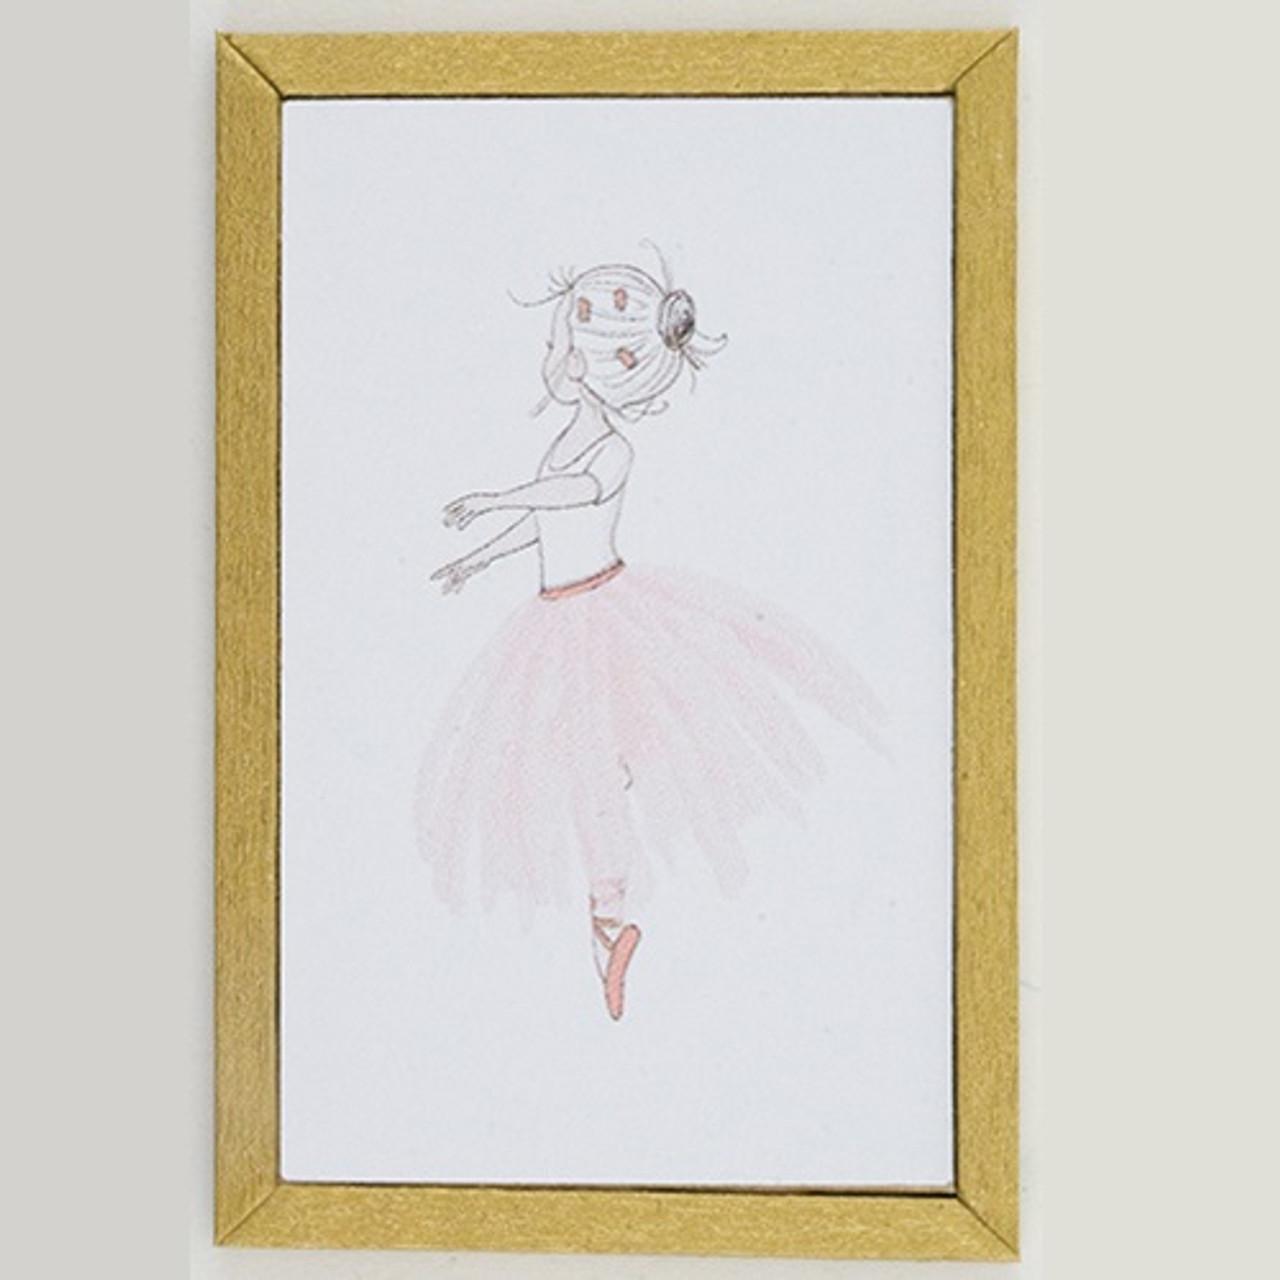 KCMKF35-1: Ballet Dancer Picture (KCMKF35-1)